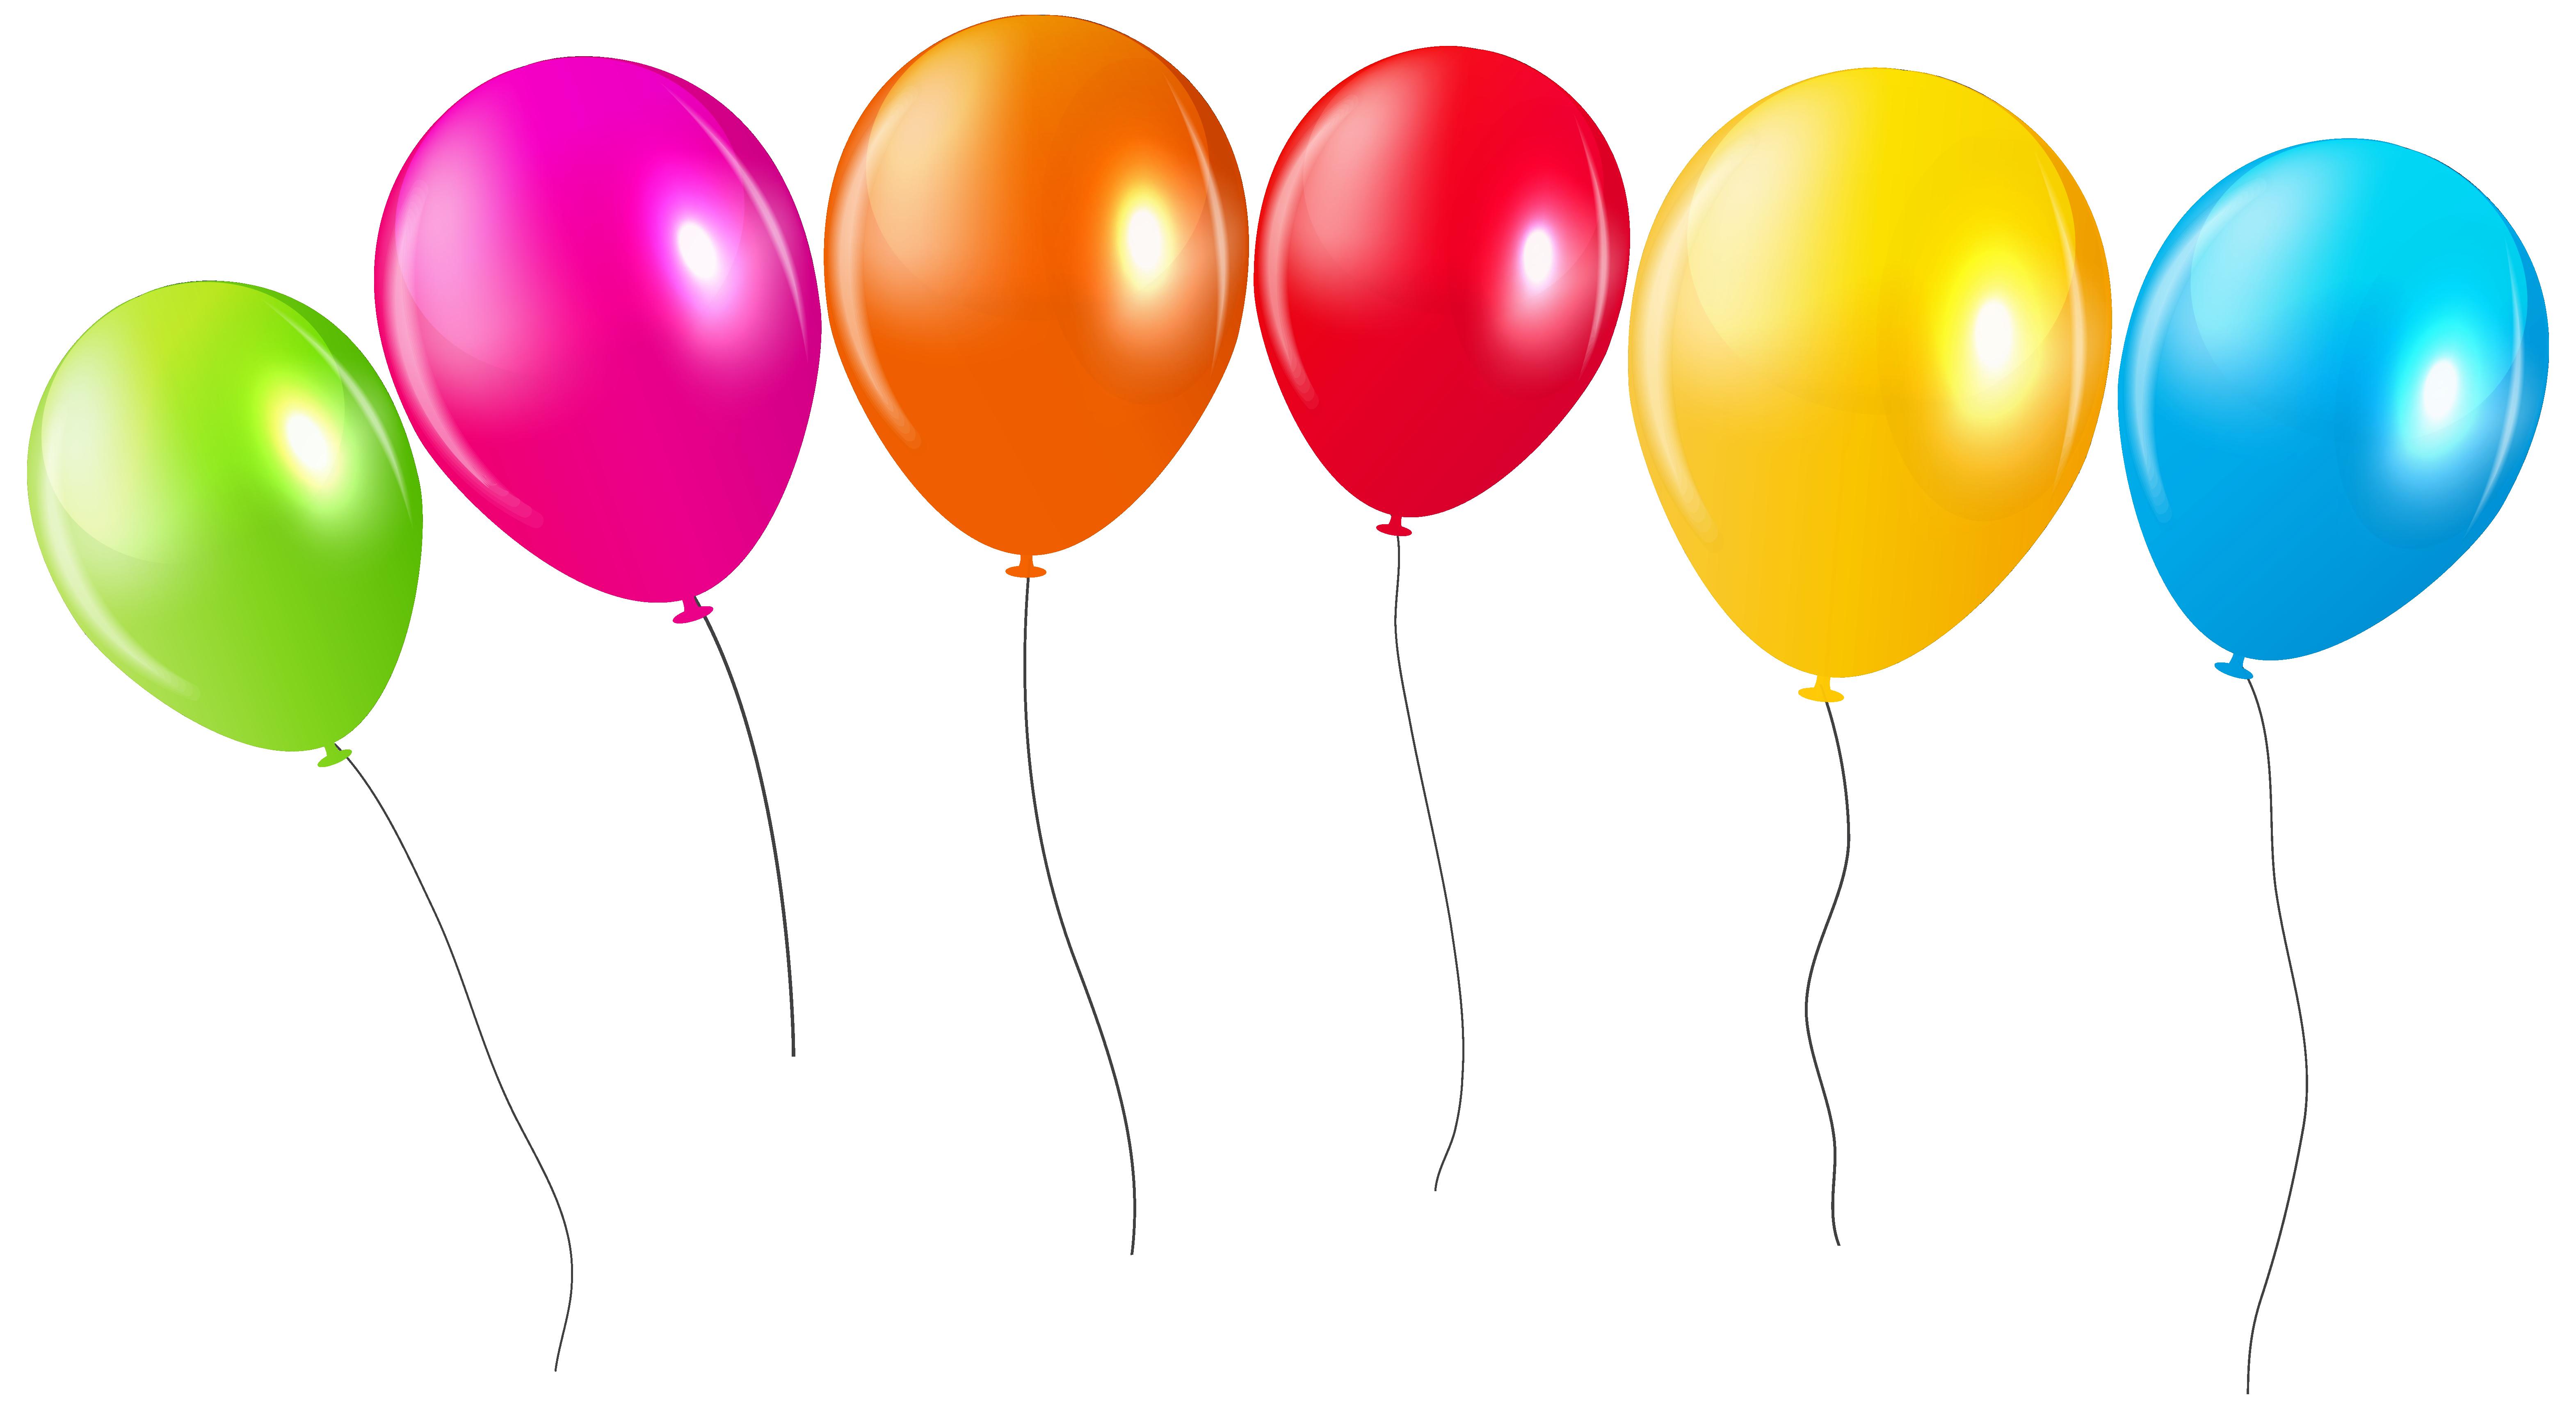 Transparent balloons png clipar. Ballon clipart colorful balloon